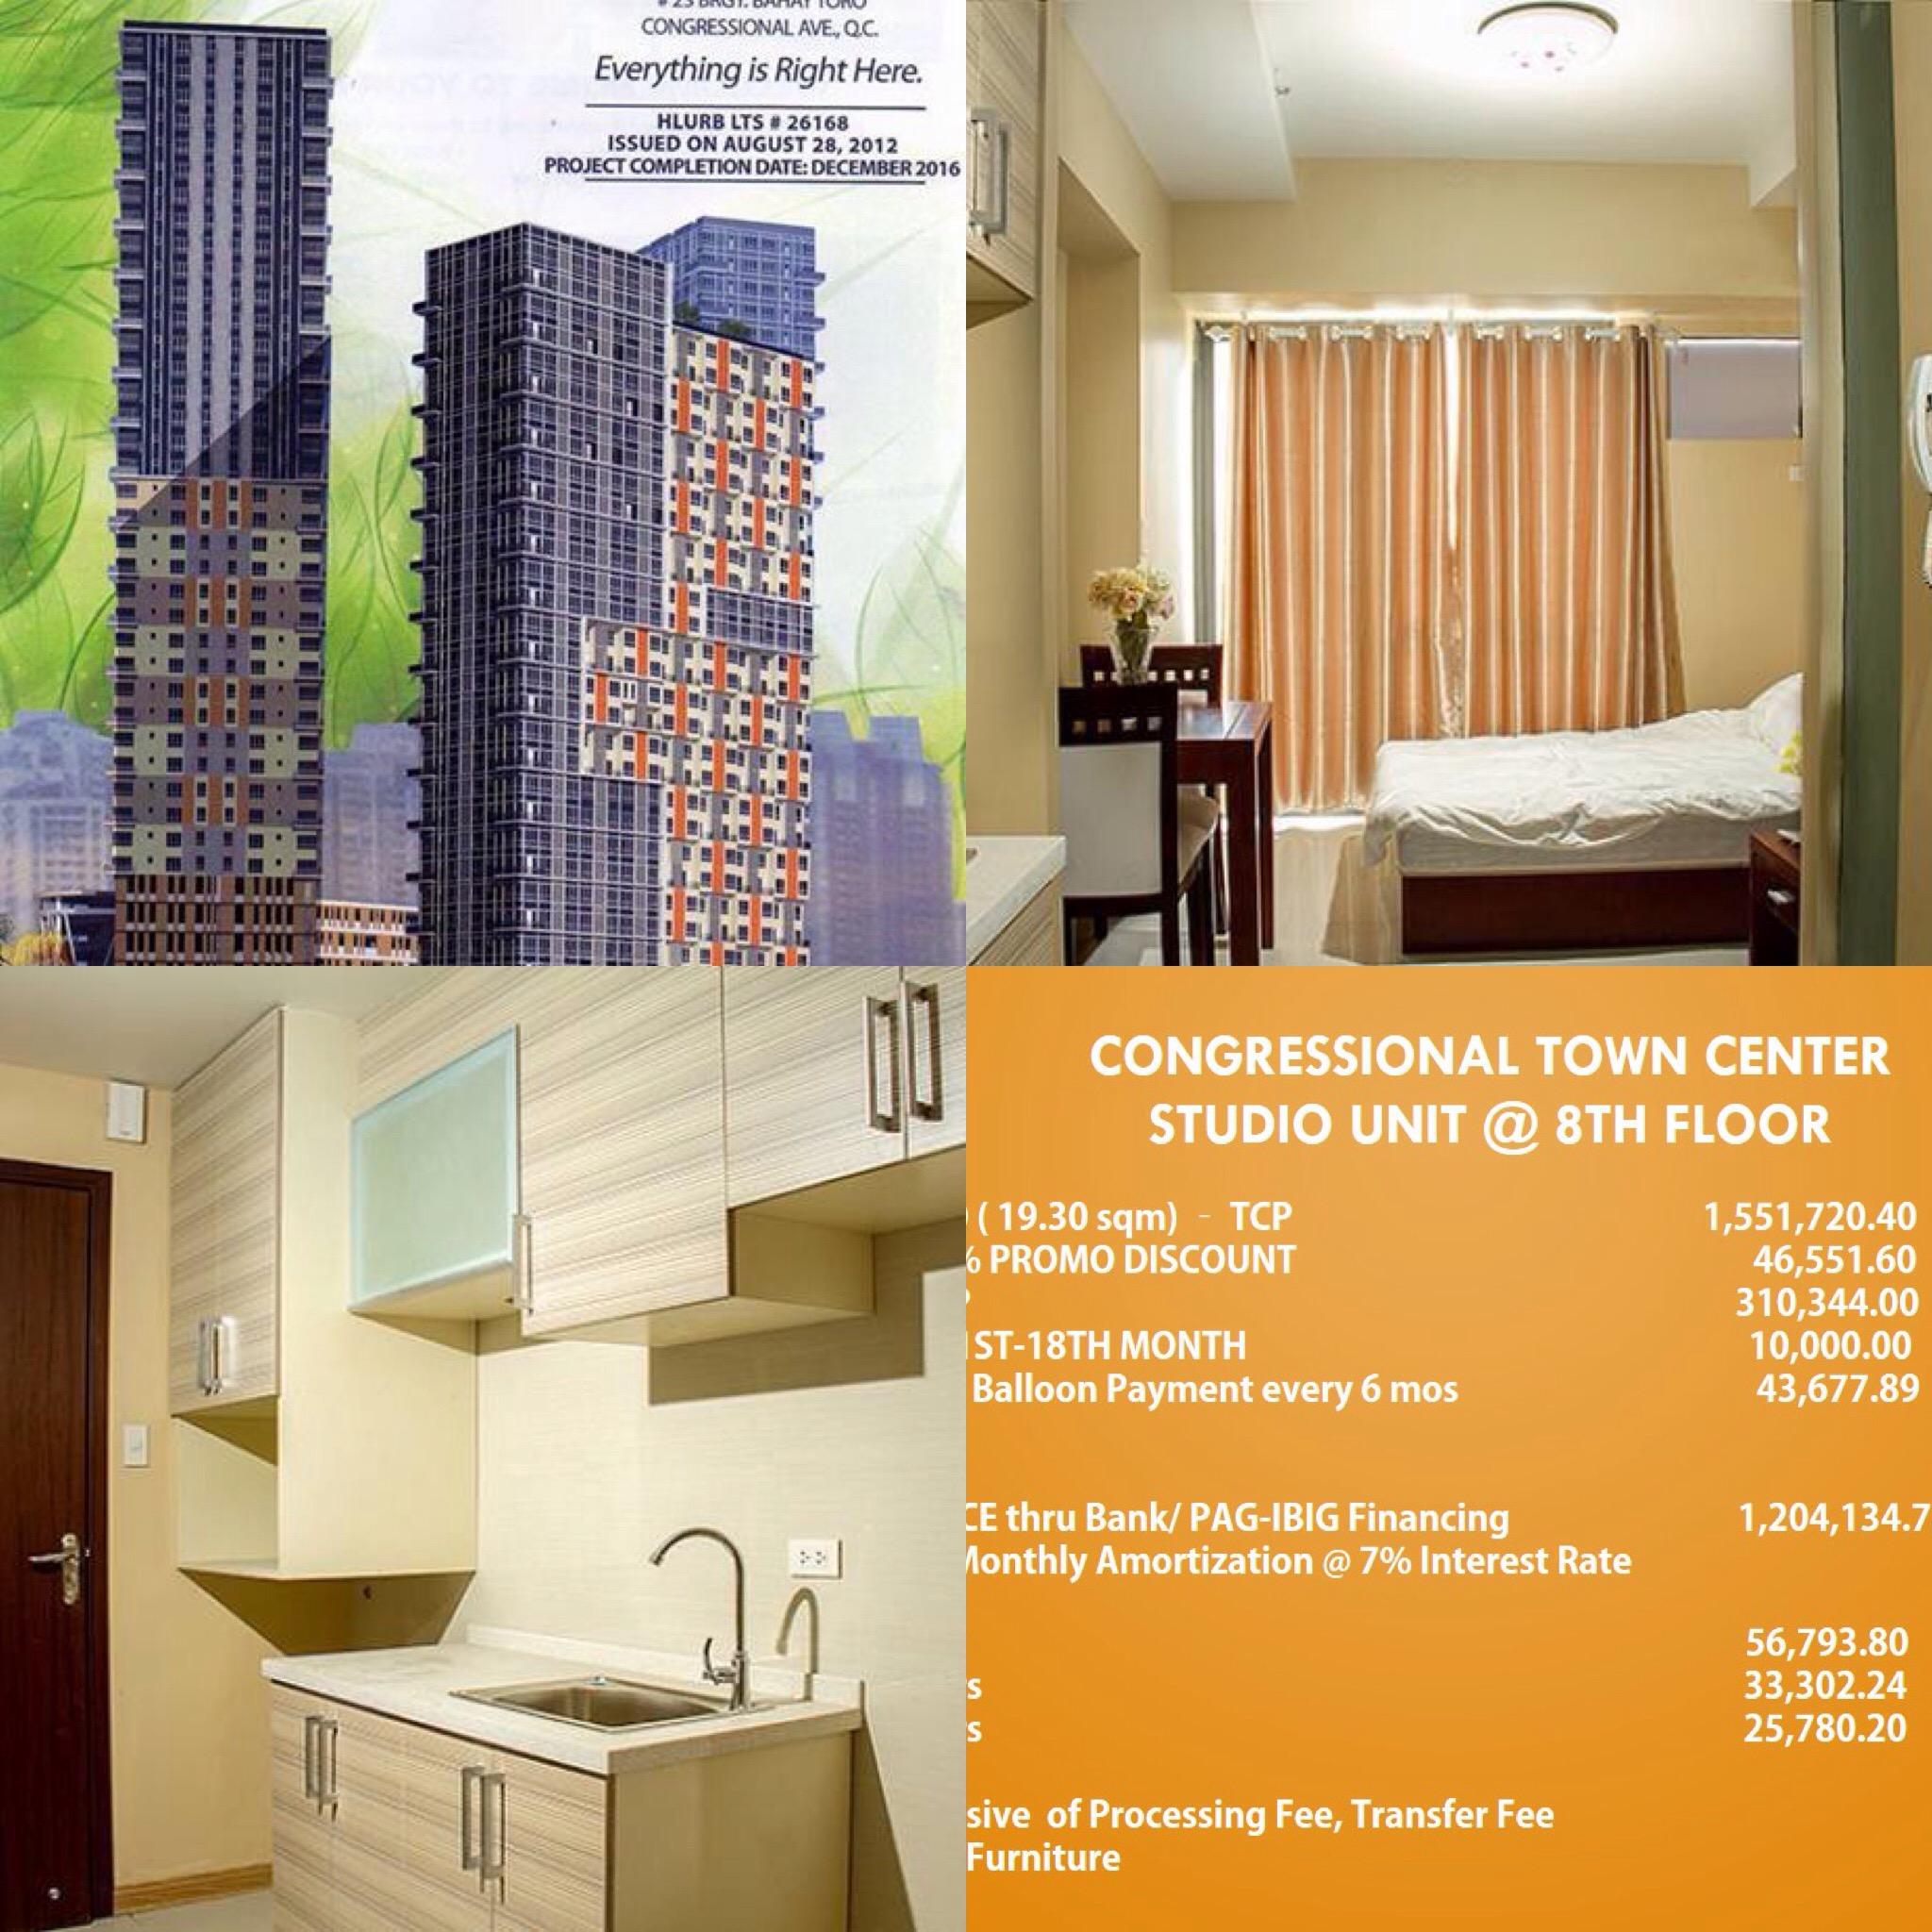 rent to own condo qc 09176747343 rico navarro